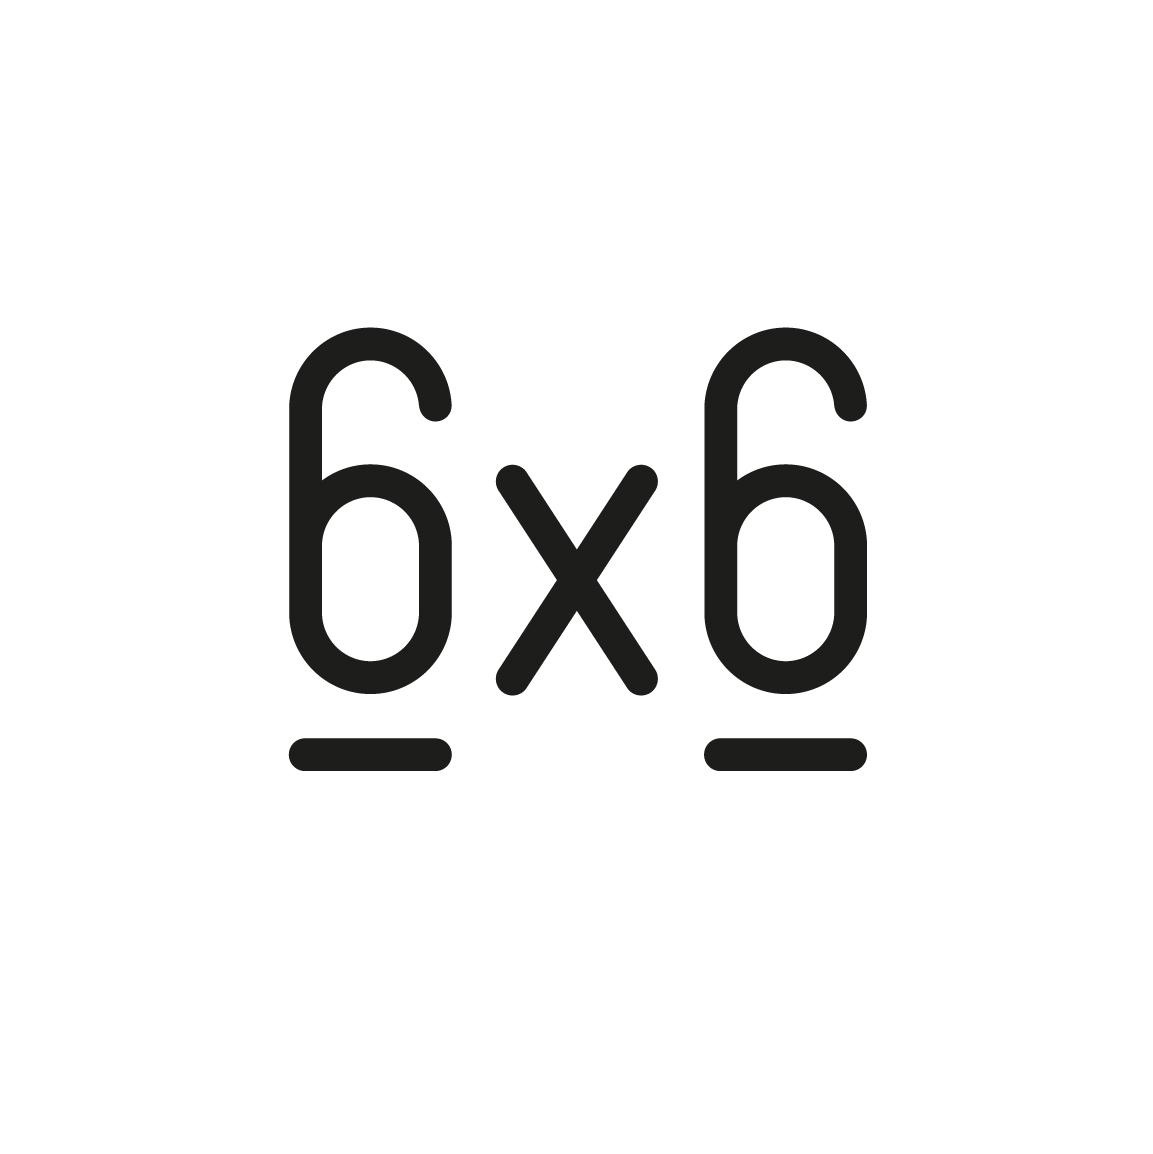 6X6 – The art of making connection - Il nuovo modo di progettare